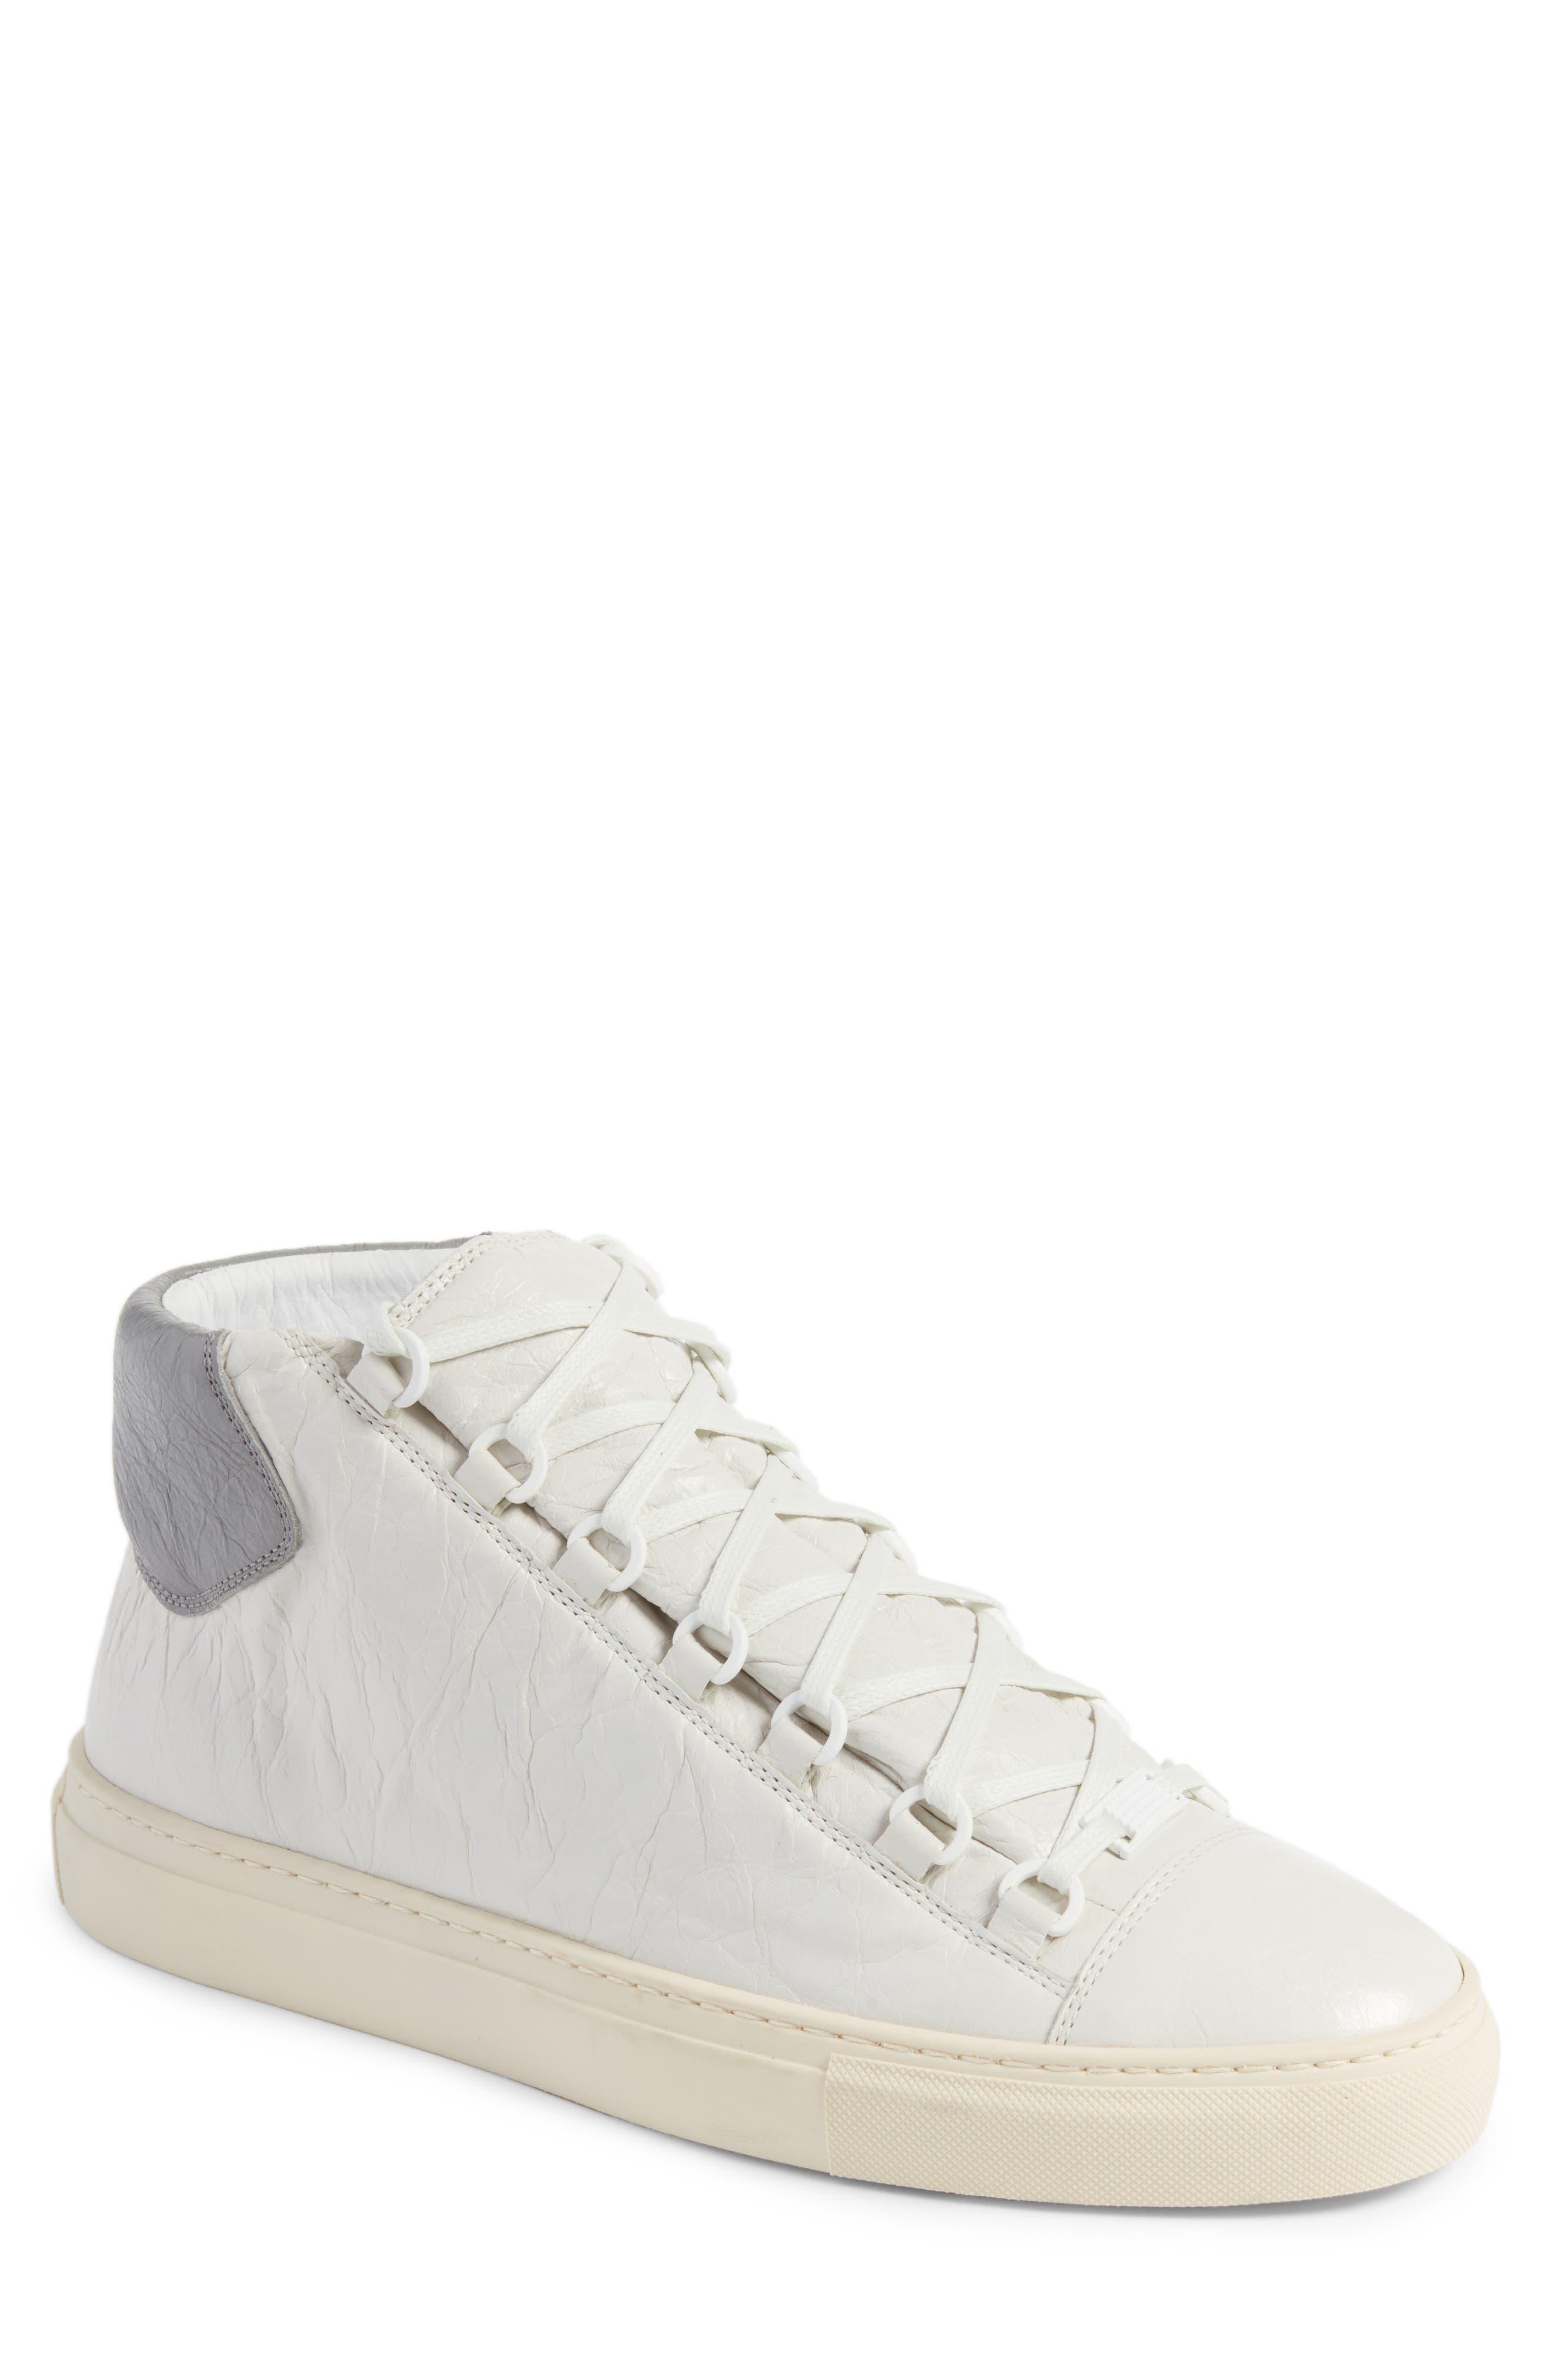 Balenciaga | Arena High Sneaker